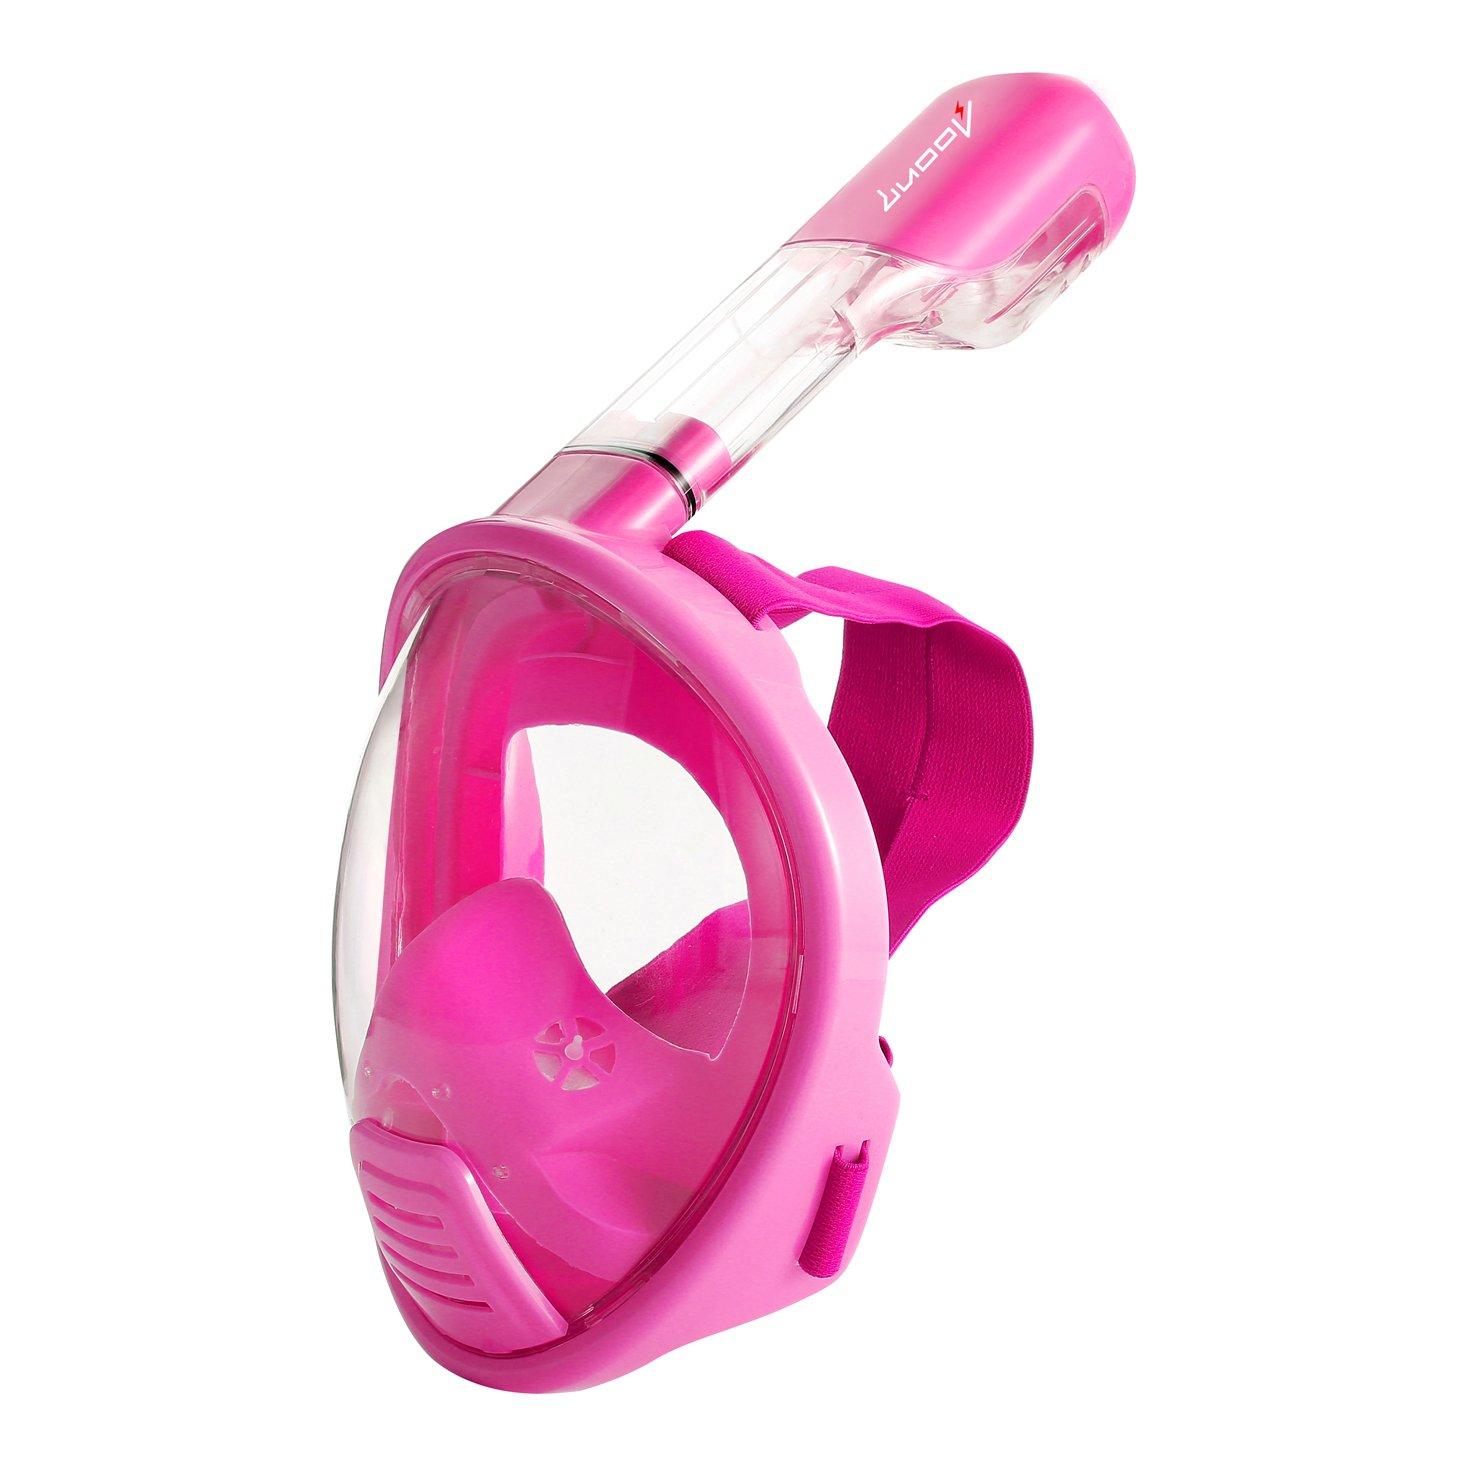 Luoov Full Face Easybreath, maschera da snorkeling per bambini, maschera subacquea per ragazzi e bambini